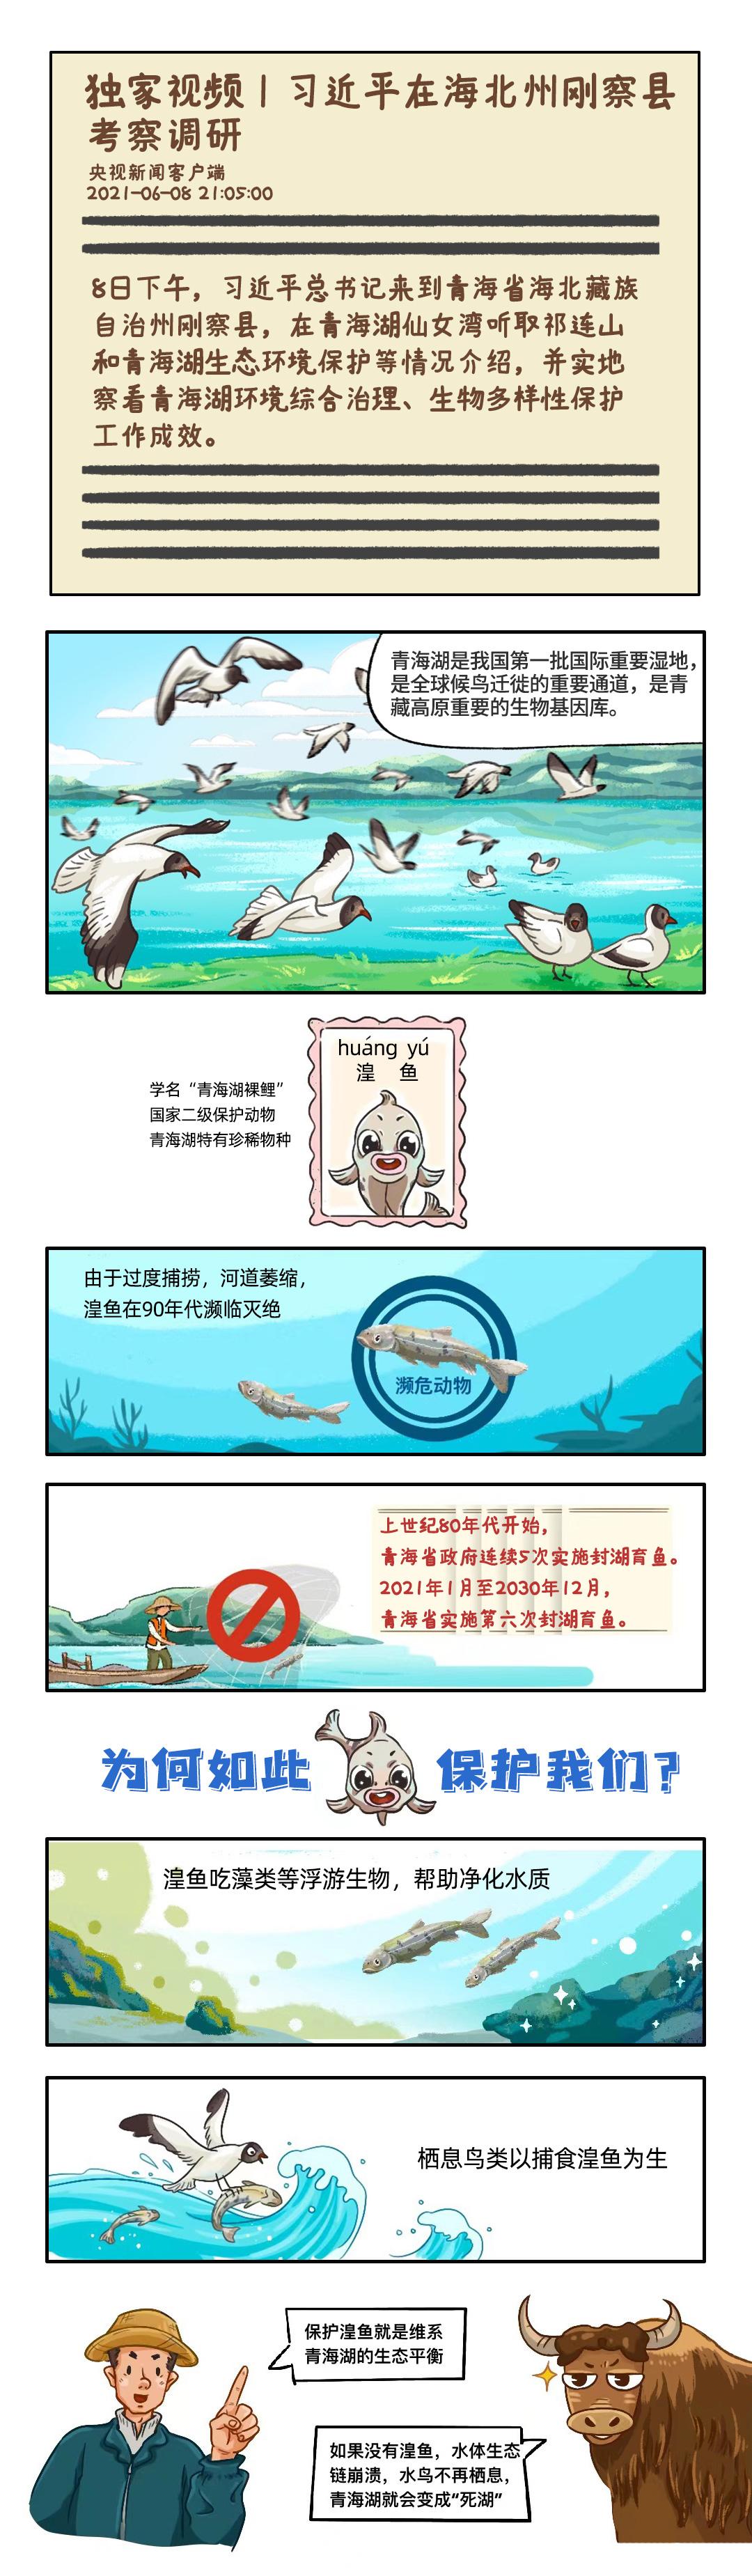 时政图解丨小湟鱼为你解锁青海湖生态密码